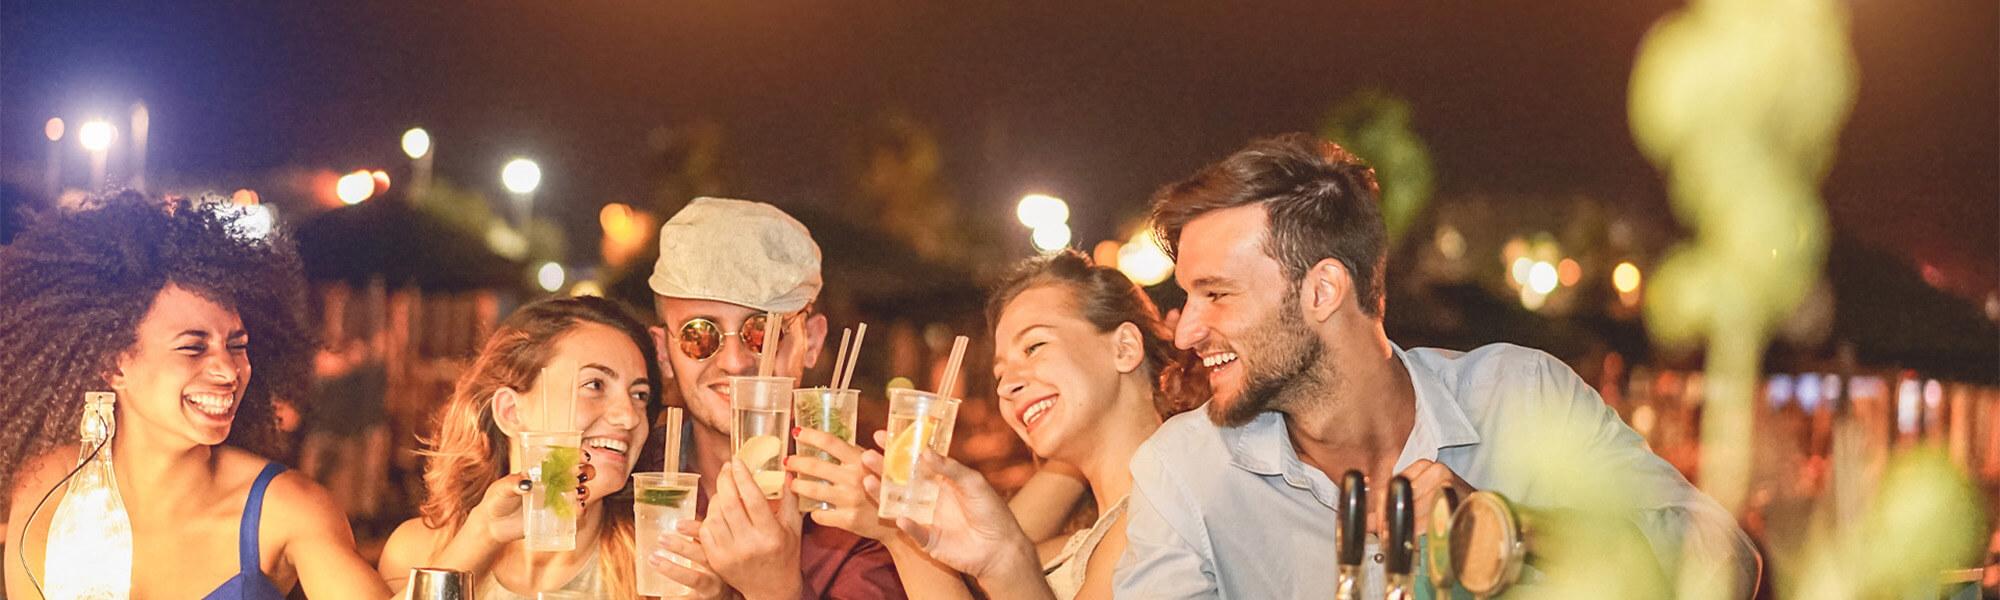 Clubs und Partys in Rimini